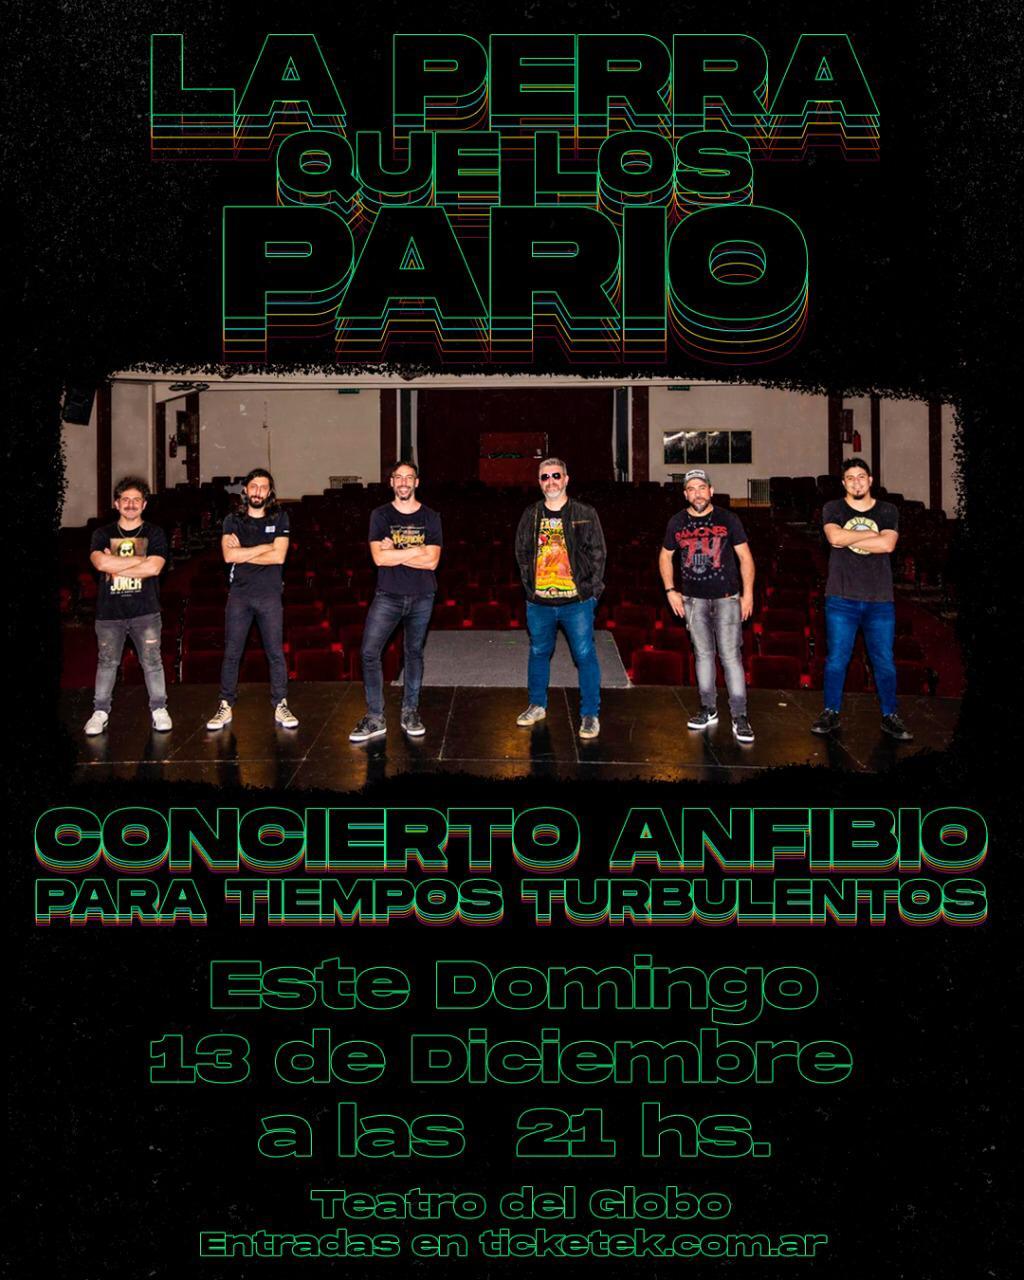 """"""" La Perra Que Los Parió"""" concierto anfibio para tiempos turbulentos en el Teatro del Globo por streaming"""